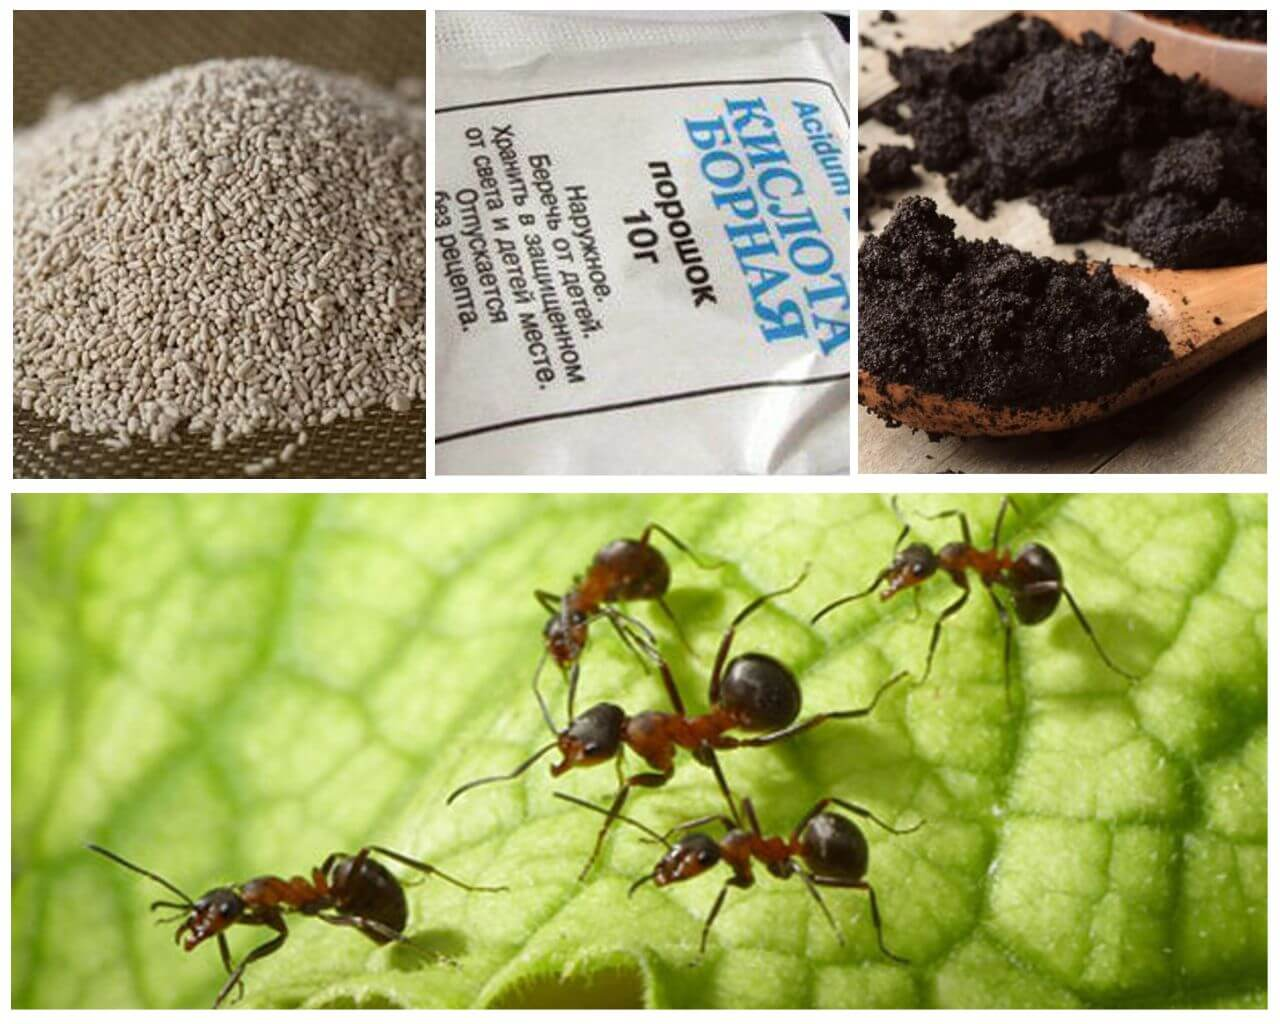 Муравьи на пионах: как избавиться от муравьев на пионах навсегда!